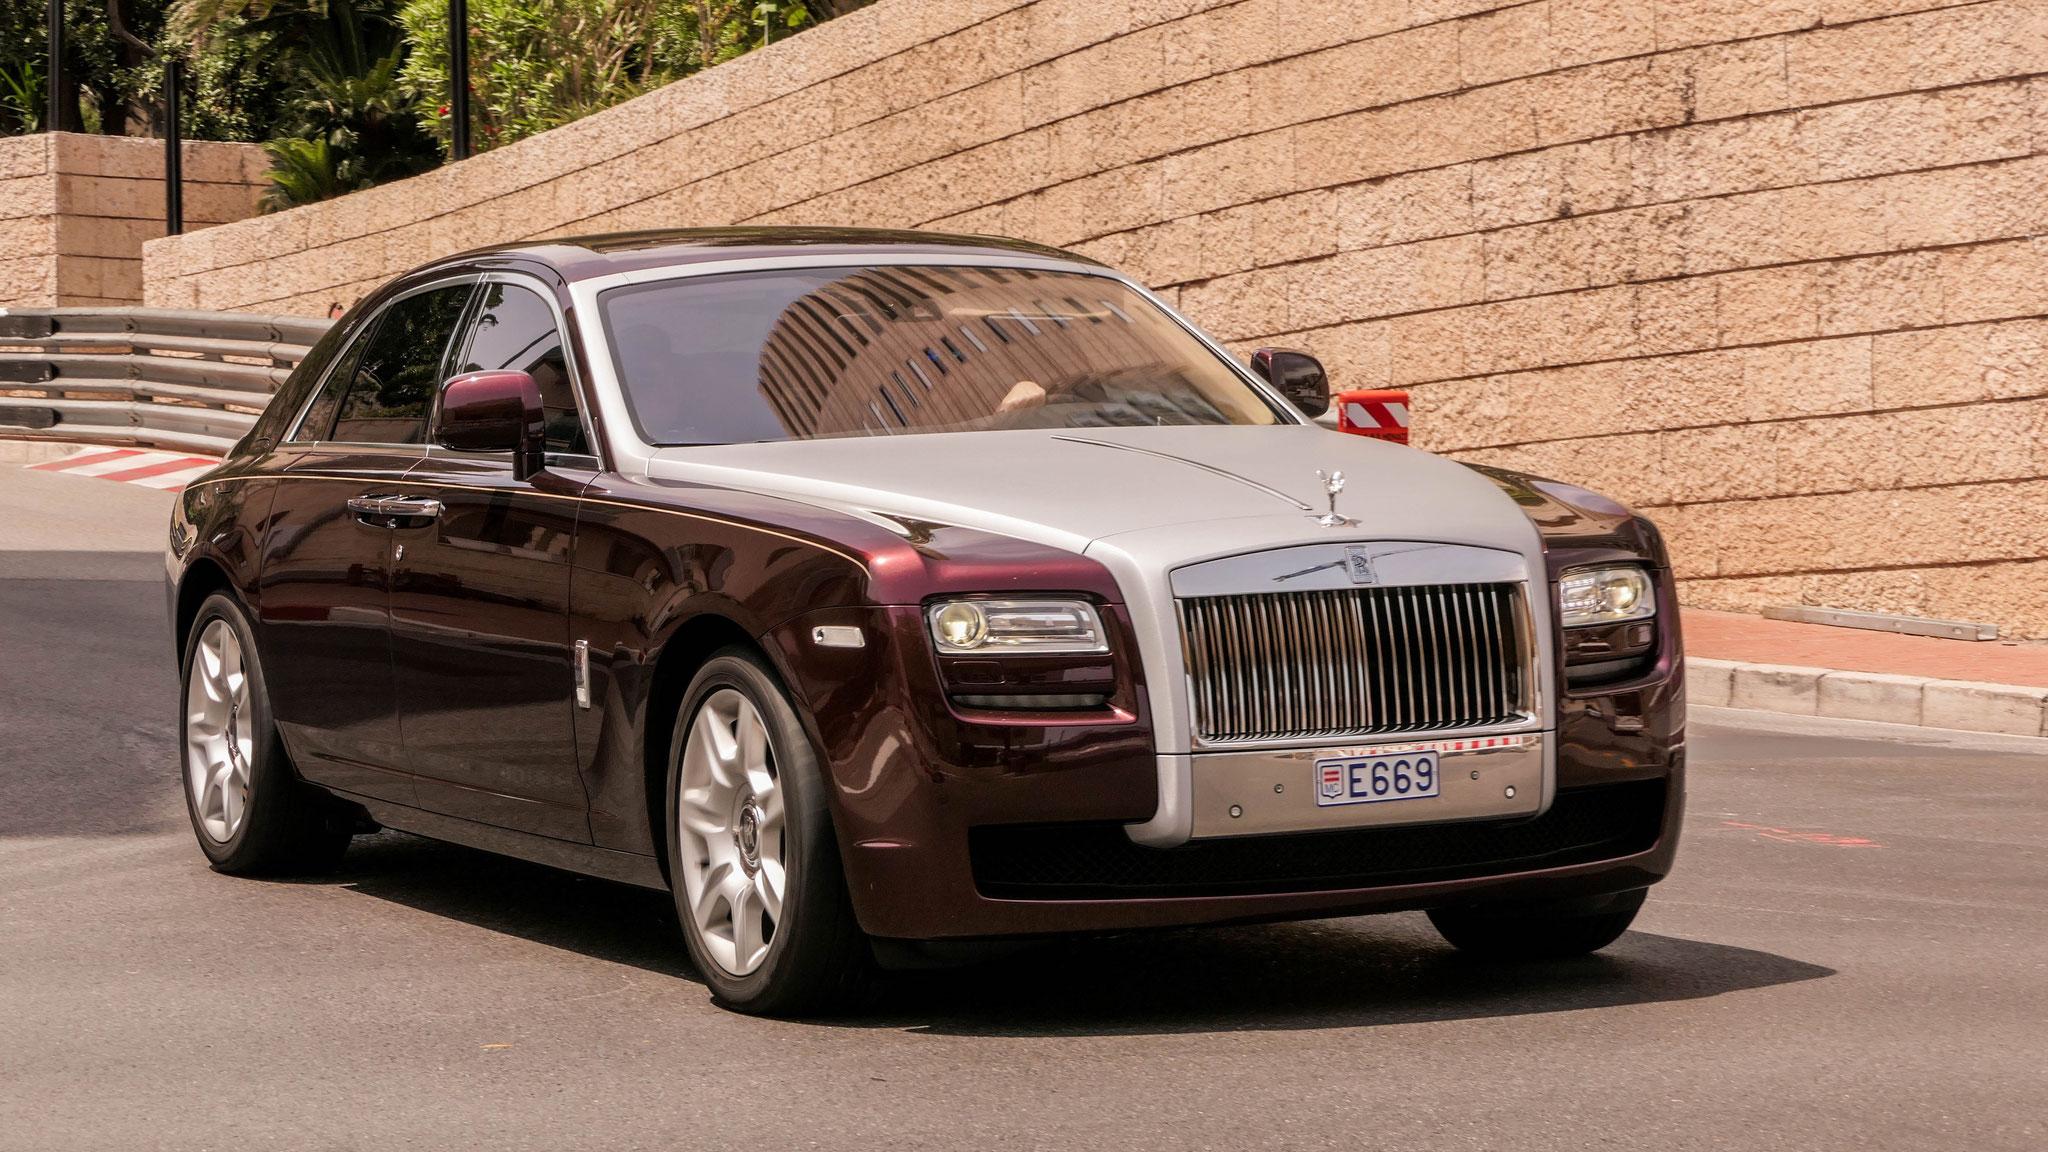 Rolls Royce Ghost - E669 (MC)